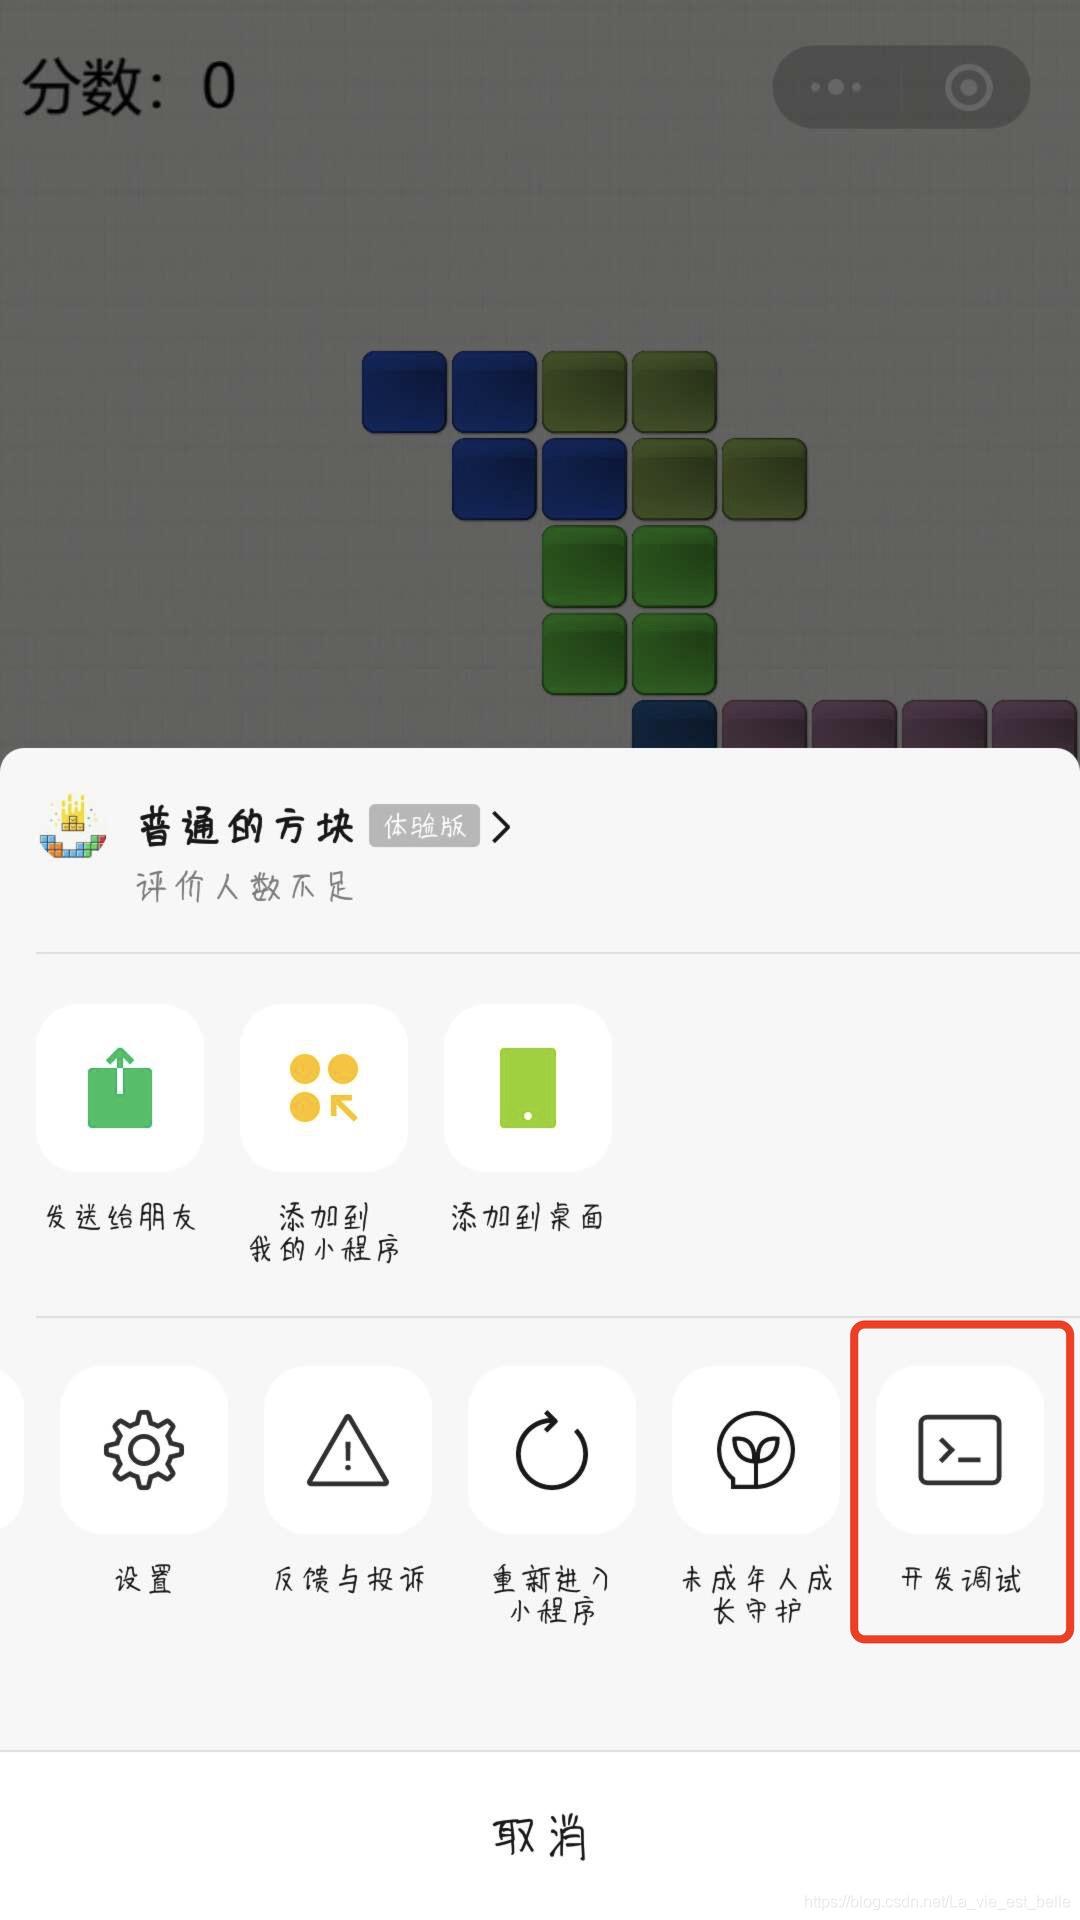 贺州信都镇开发规划图